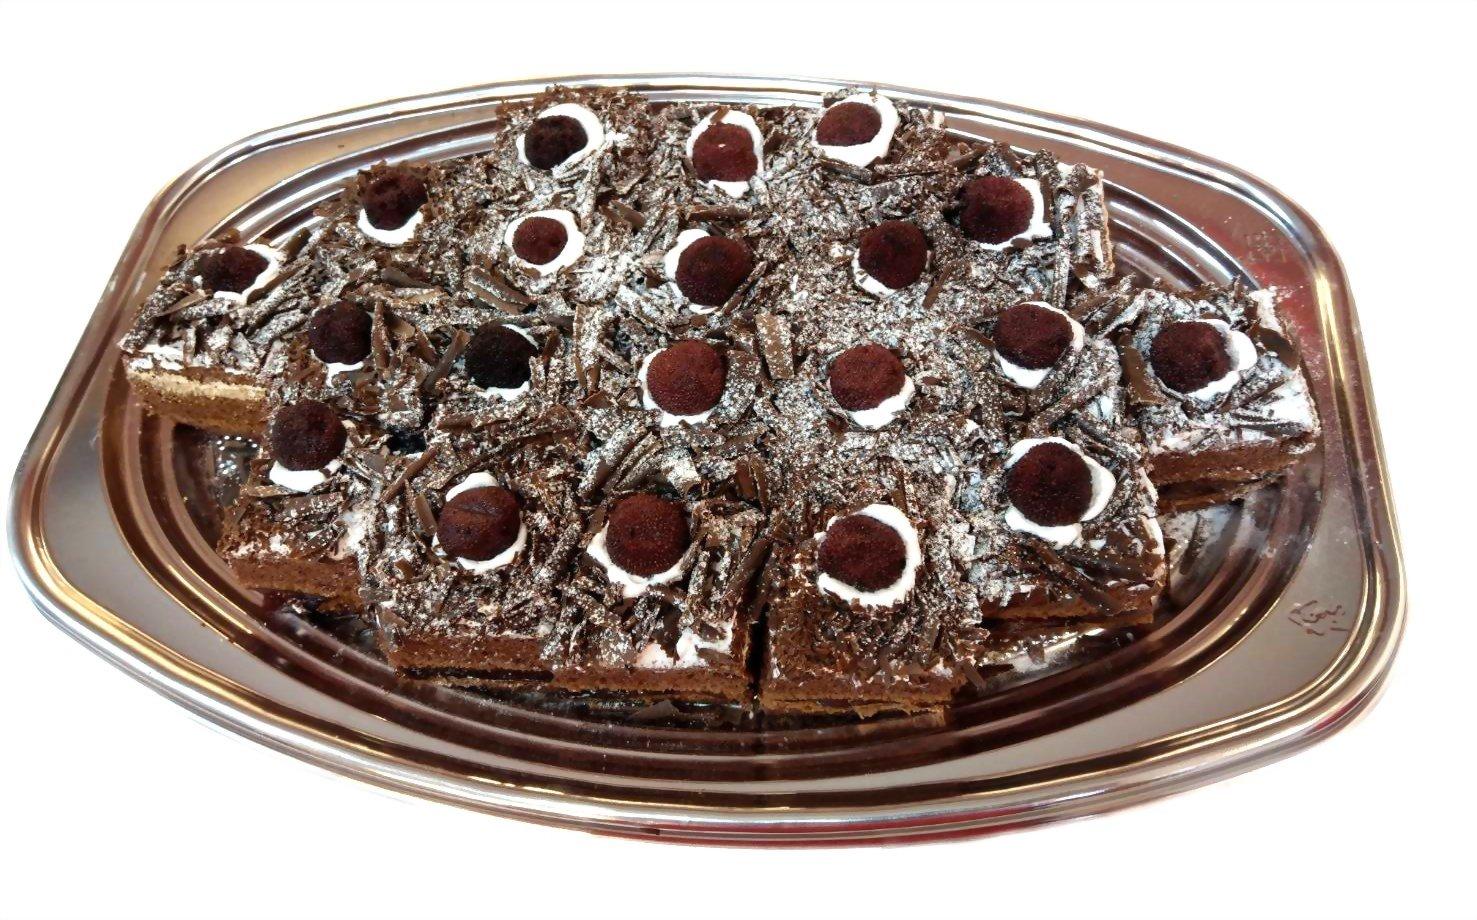 宴會餐點 | 優仕紳精緻黑森林蛋糕